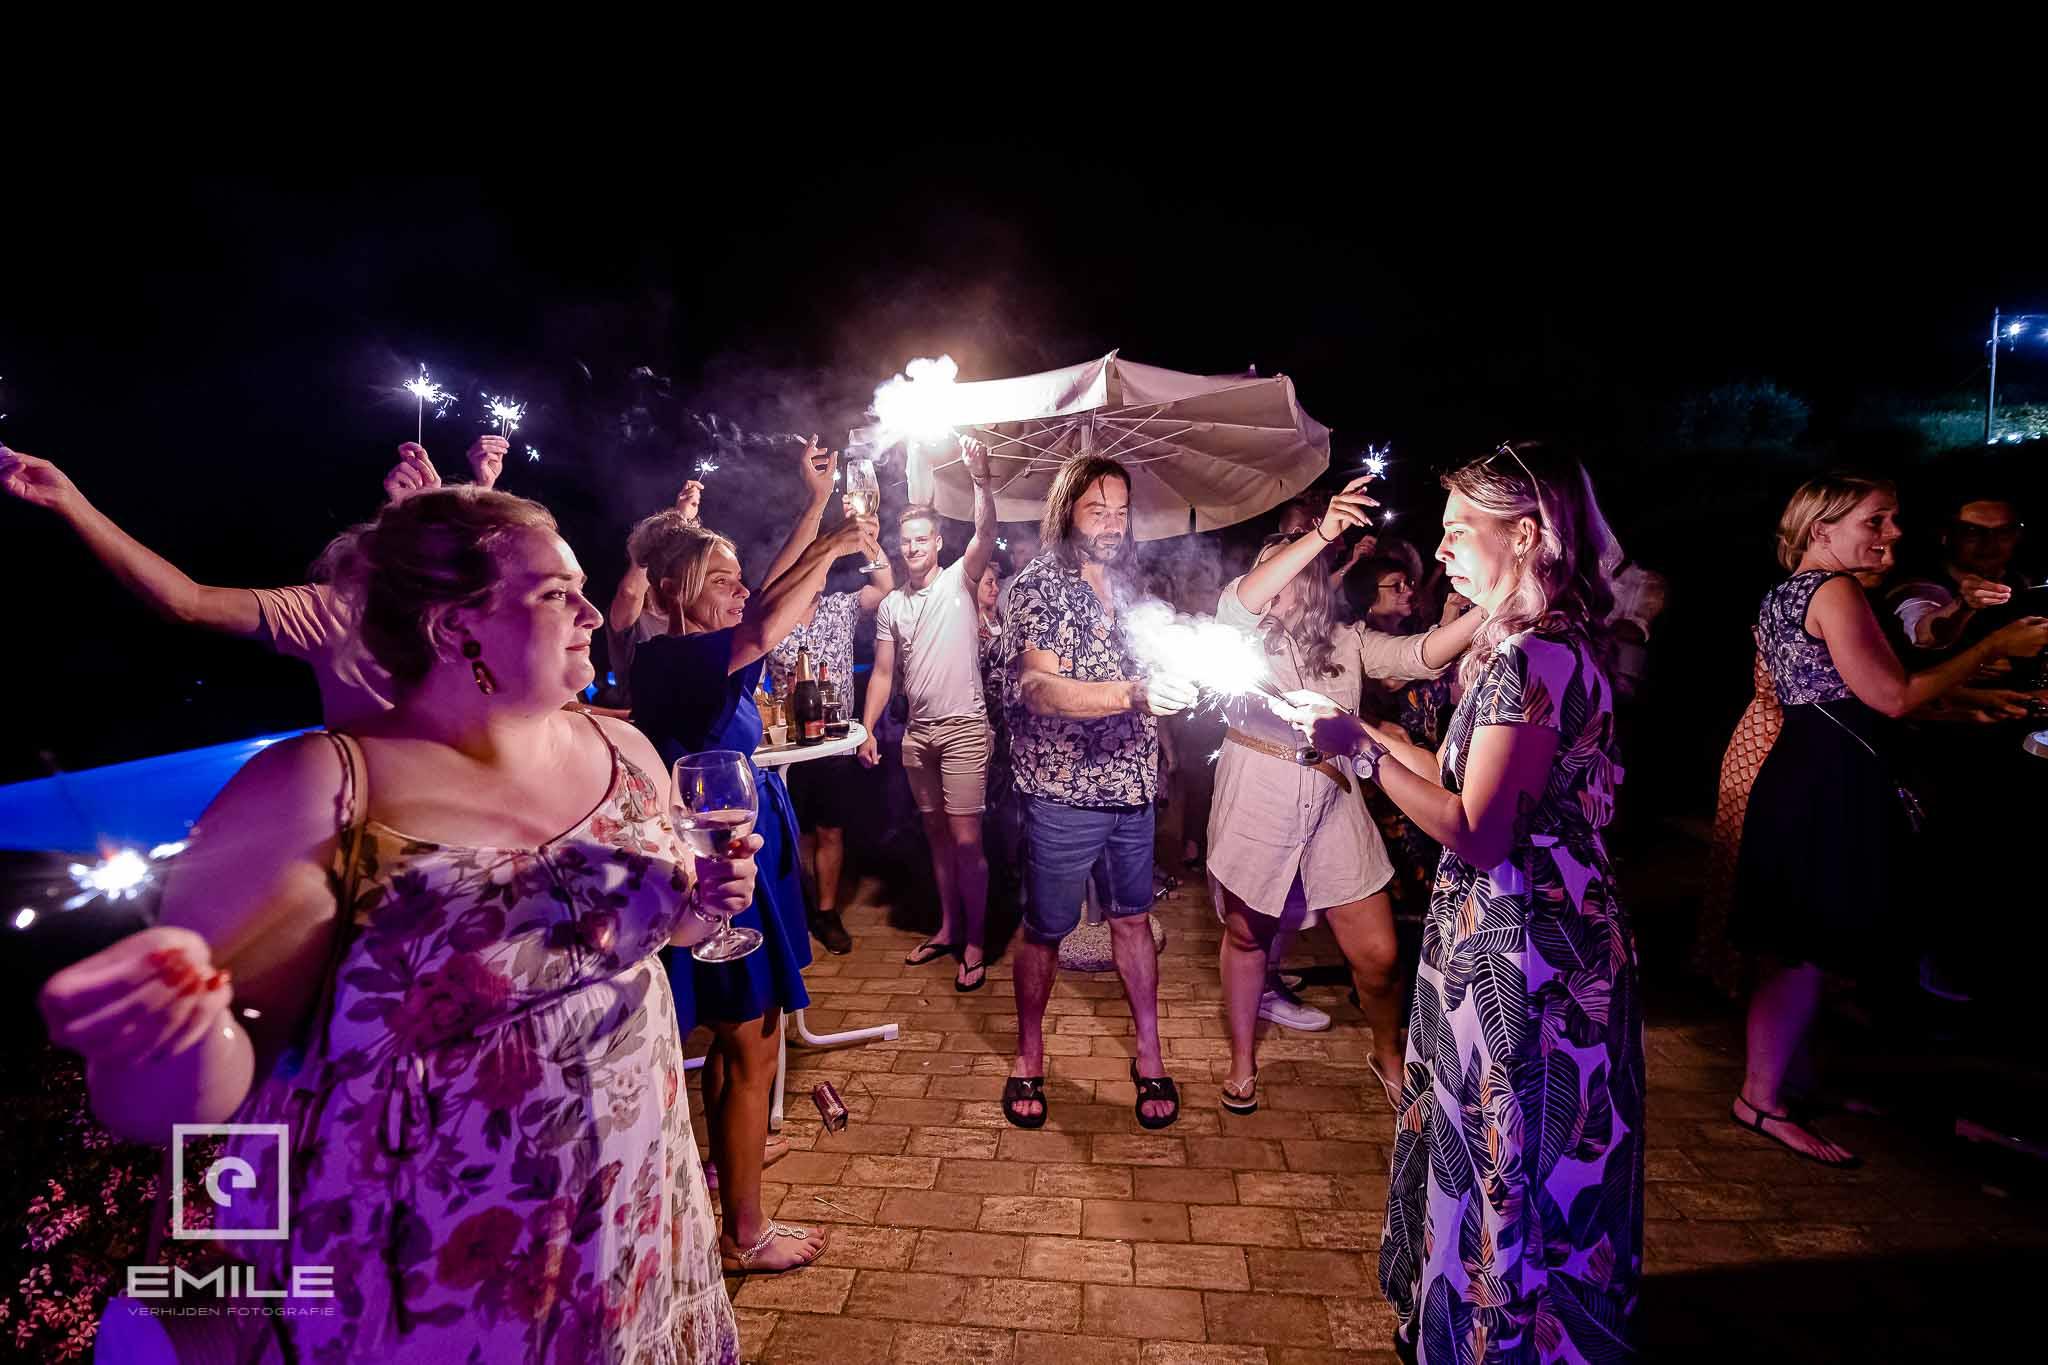 De flikkersterren gaan aan voor de feestavond - Destination wedding San Gimignano - Toscane Italie - Iris en Job